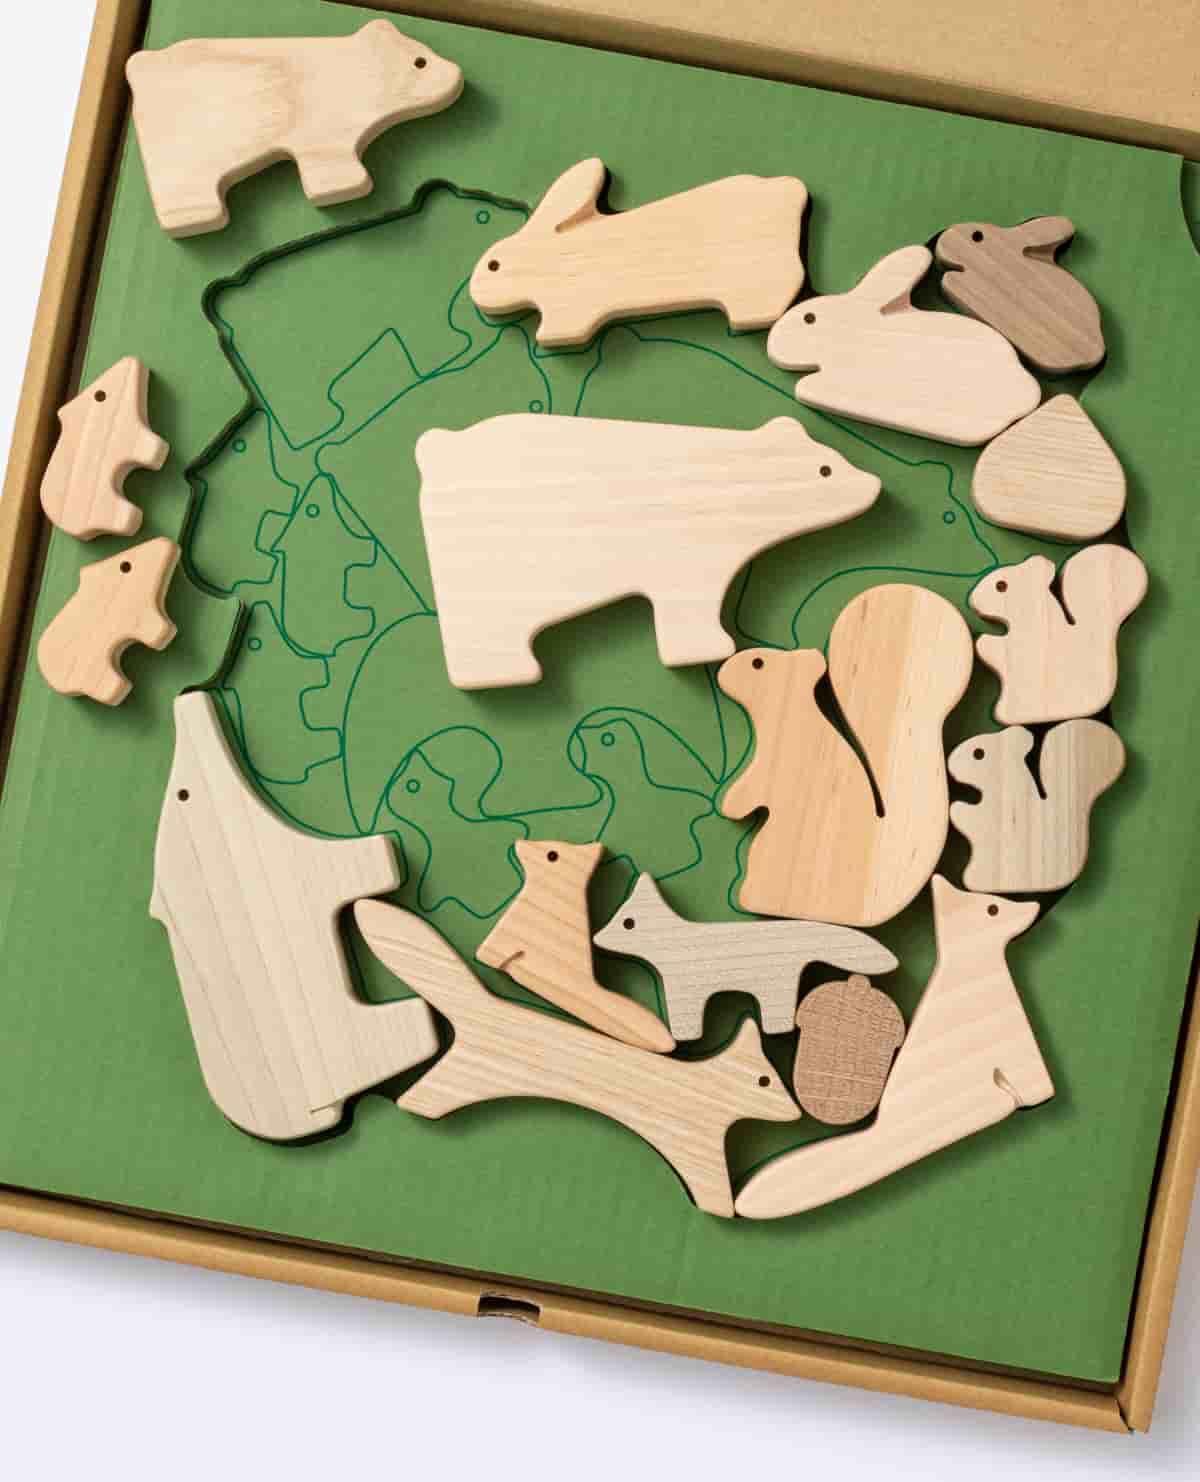 森 どうぶつ 動物 つみき 積み木 木製